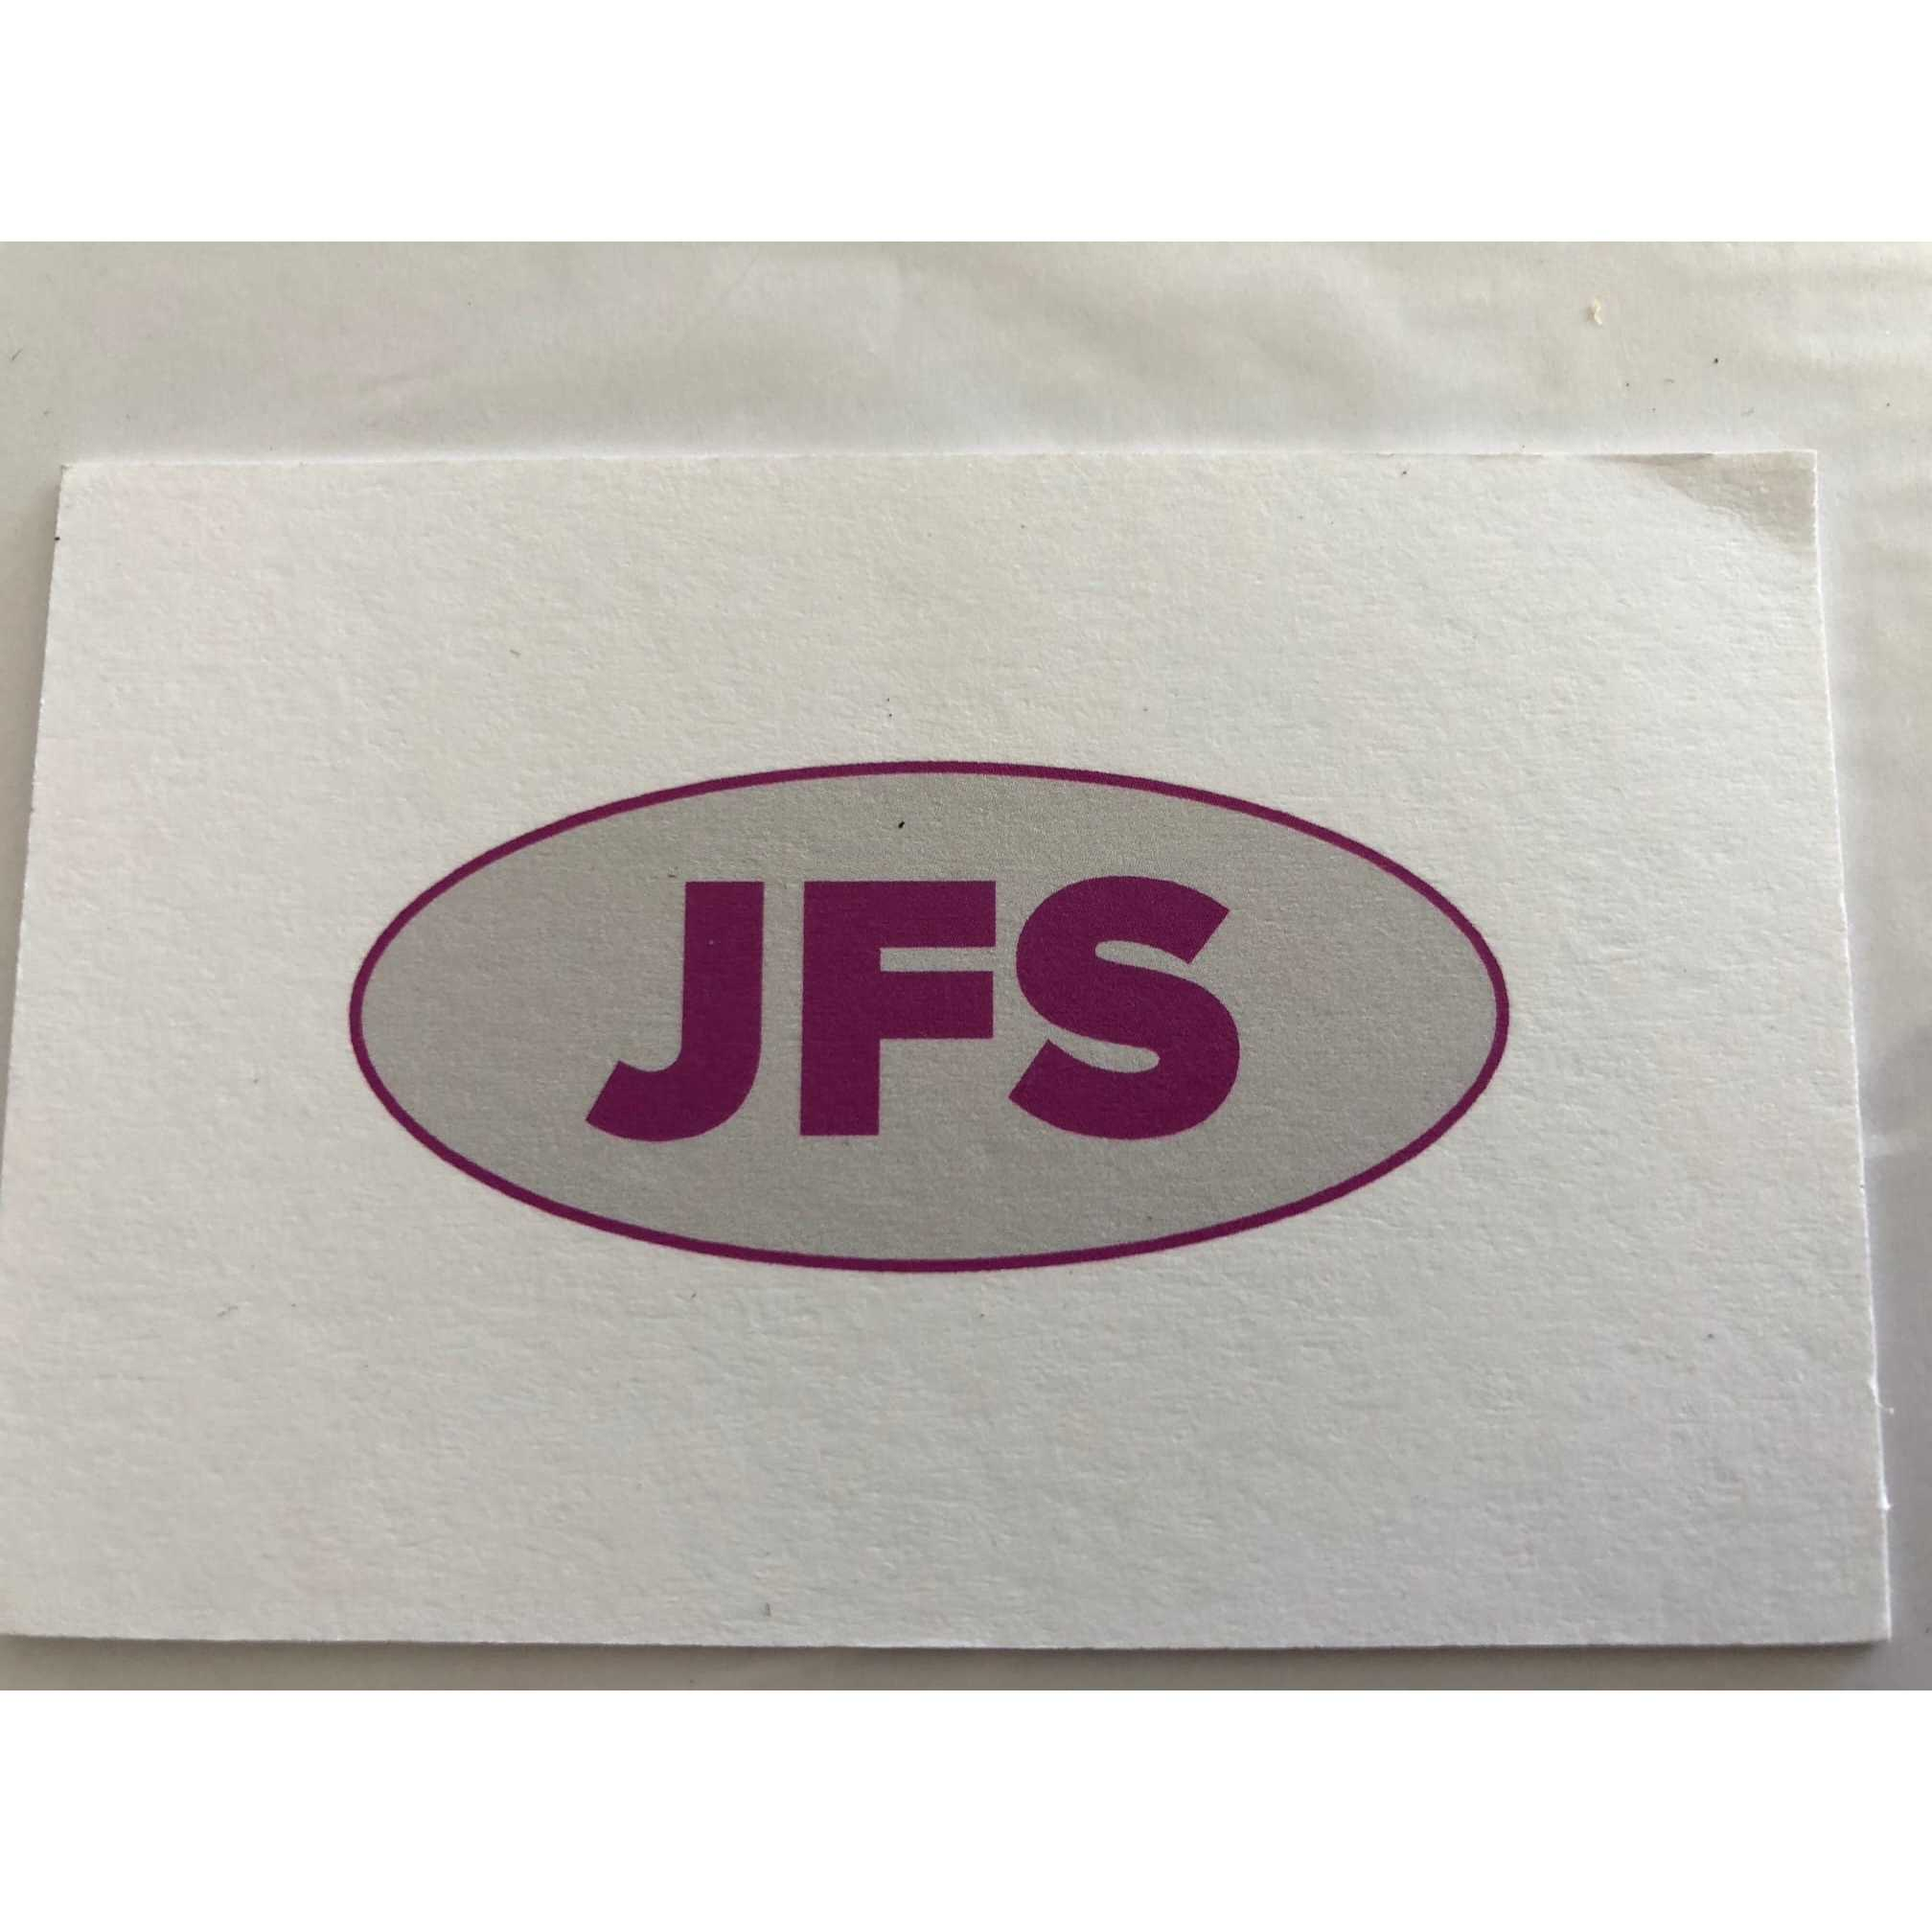 Jones Financial Services - Holyhead, Gwynedd LL65 3EB - 01407 760382 | ShowMeLocal.com